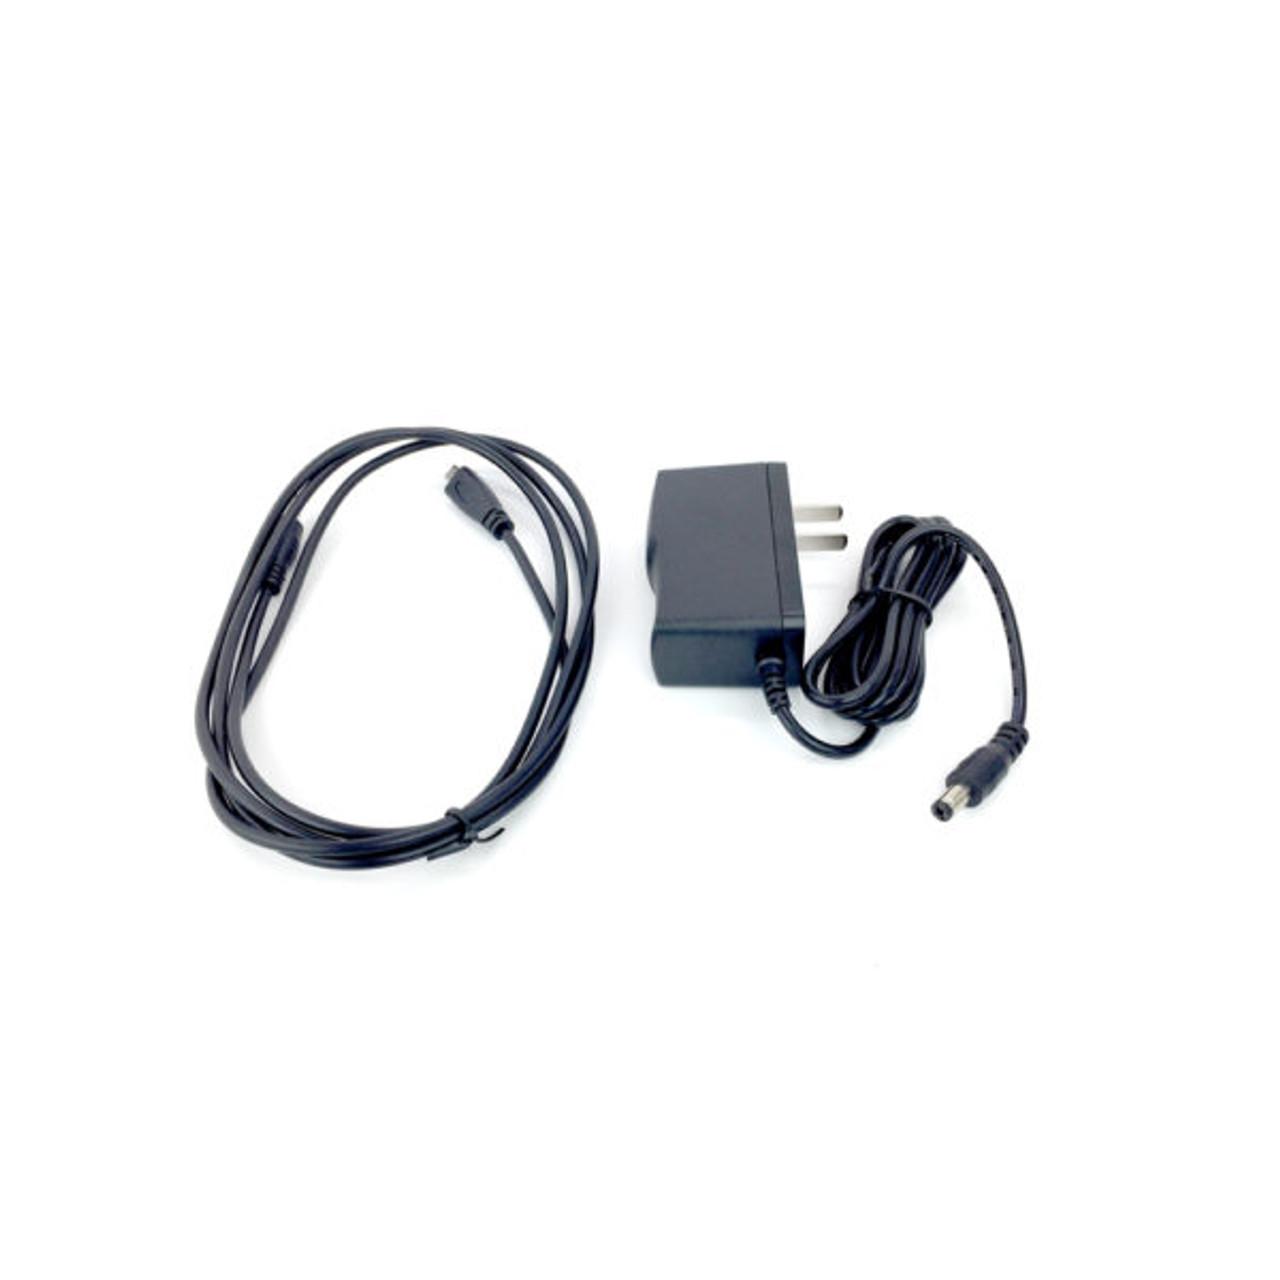 FiberFox HS-12 Thermal Stripper - Single and Ribbon Fiber